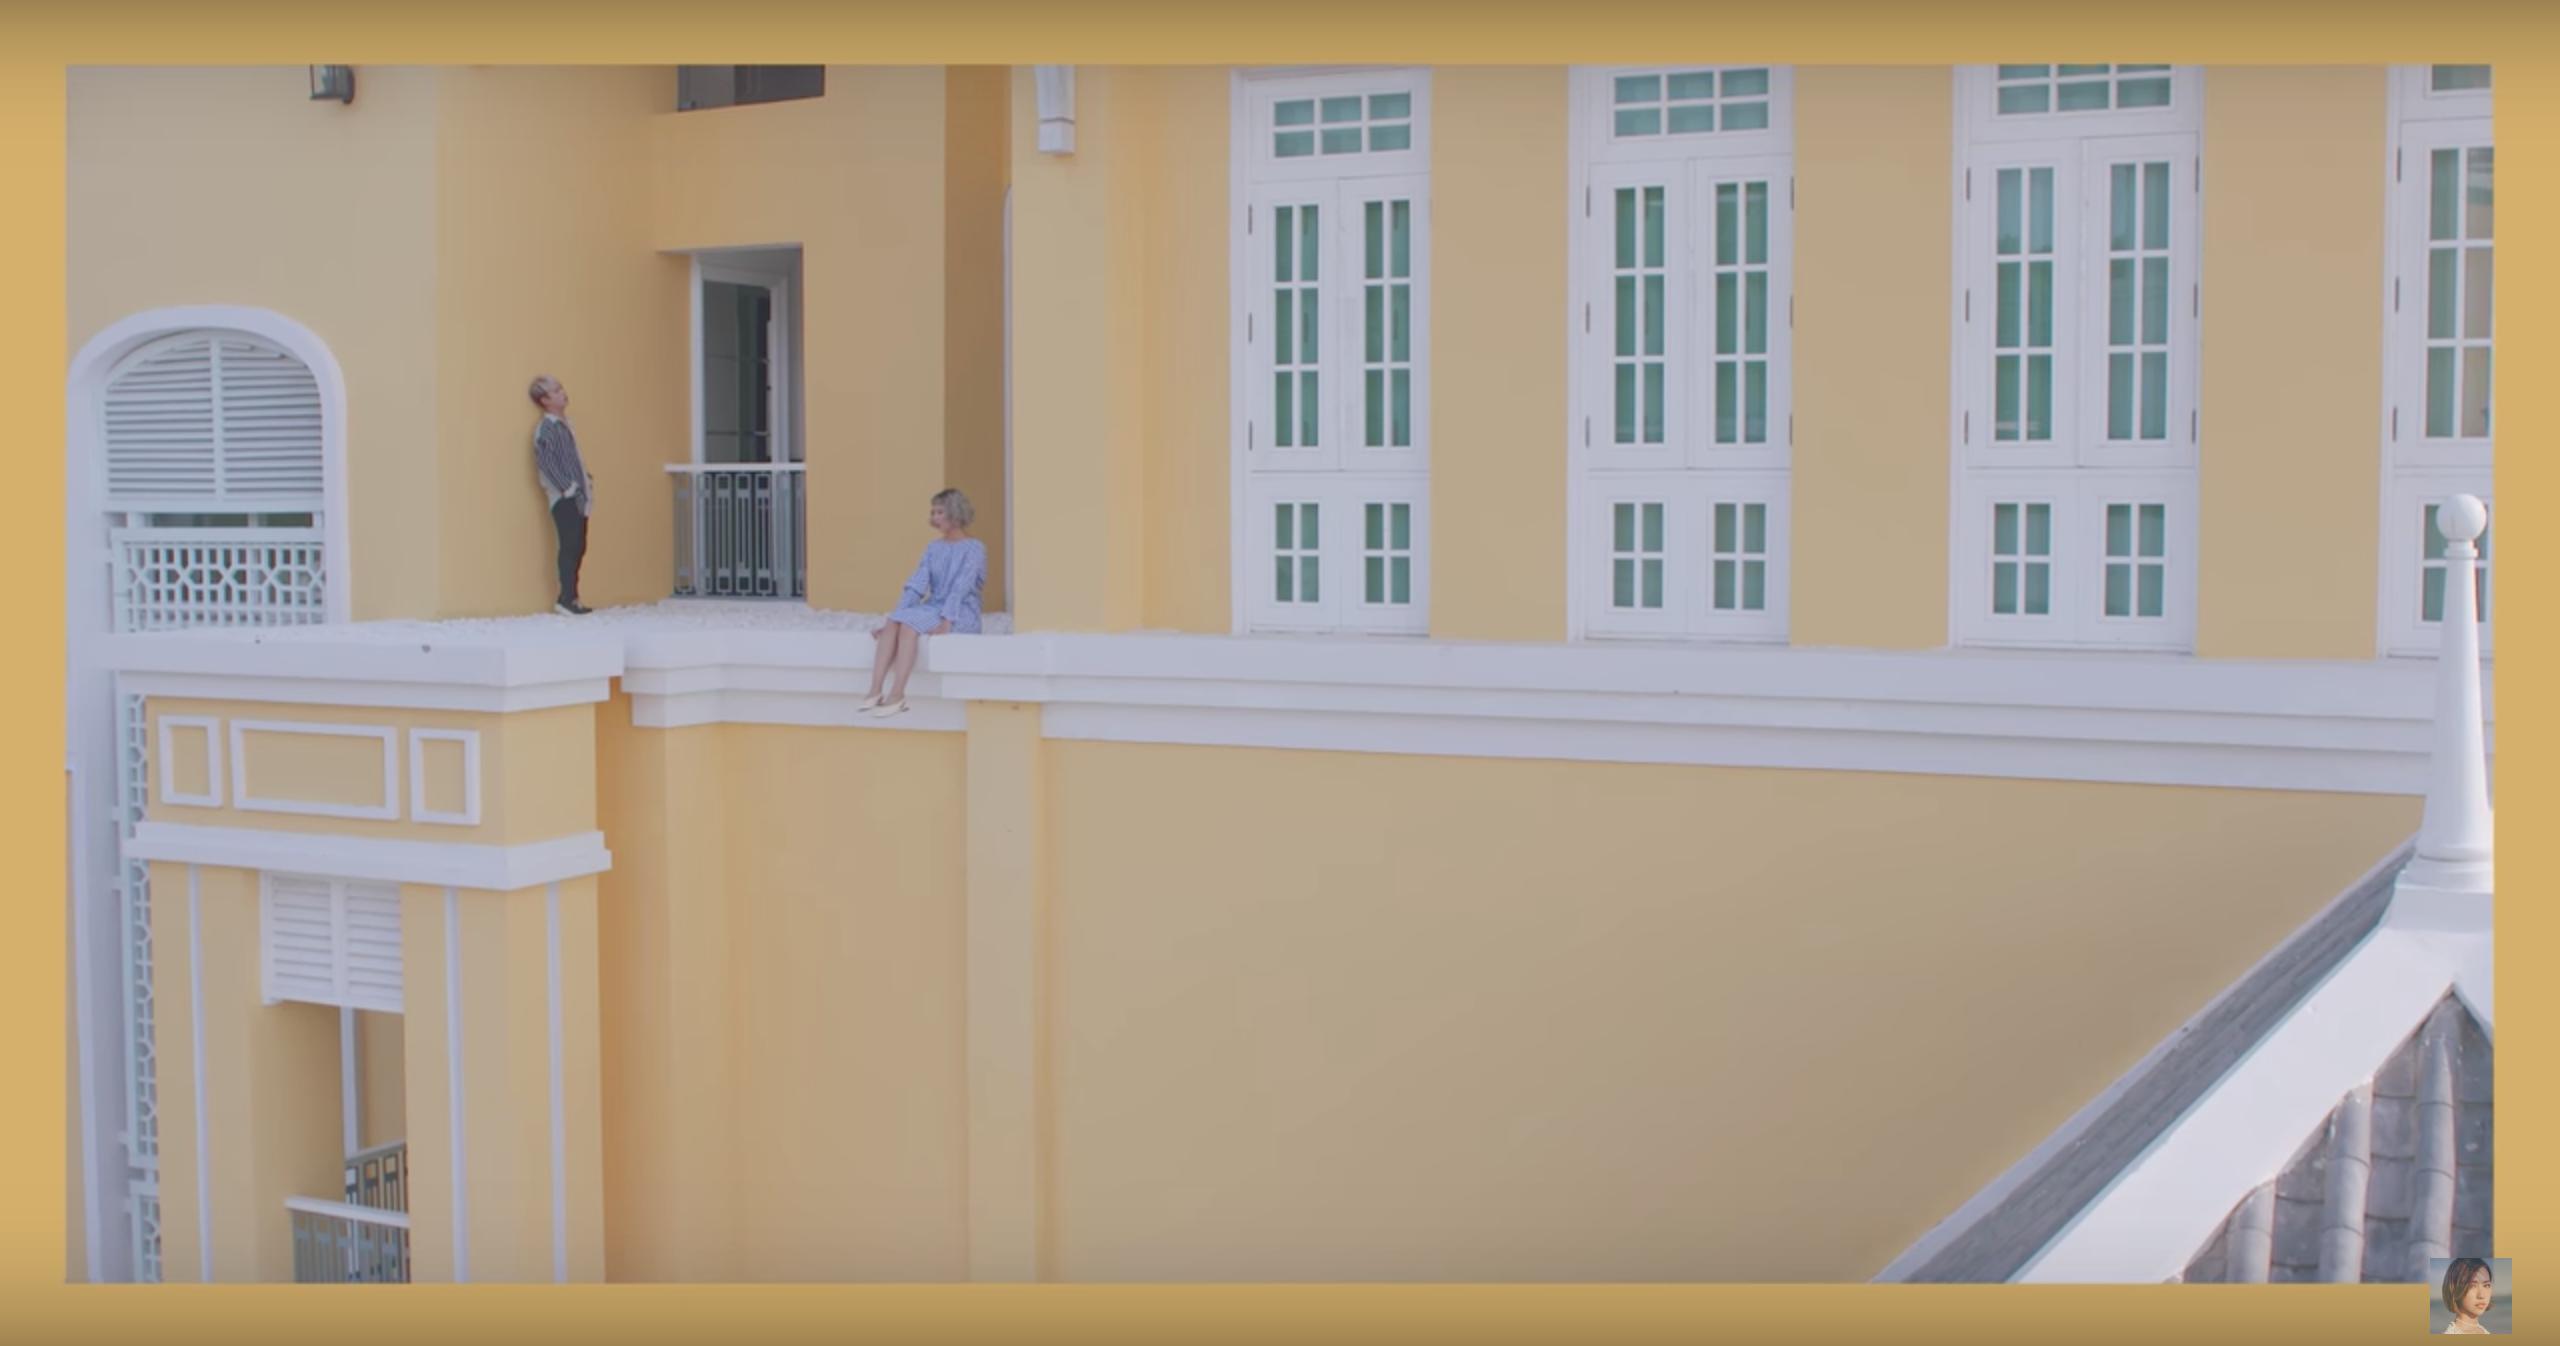 Xem xong MV Có em chờ, lại thêm lý do để tin rằng JW Marriott Phú Quốc chính là resort đáng đi nhất hè này! - Ảnh 2.